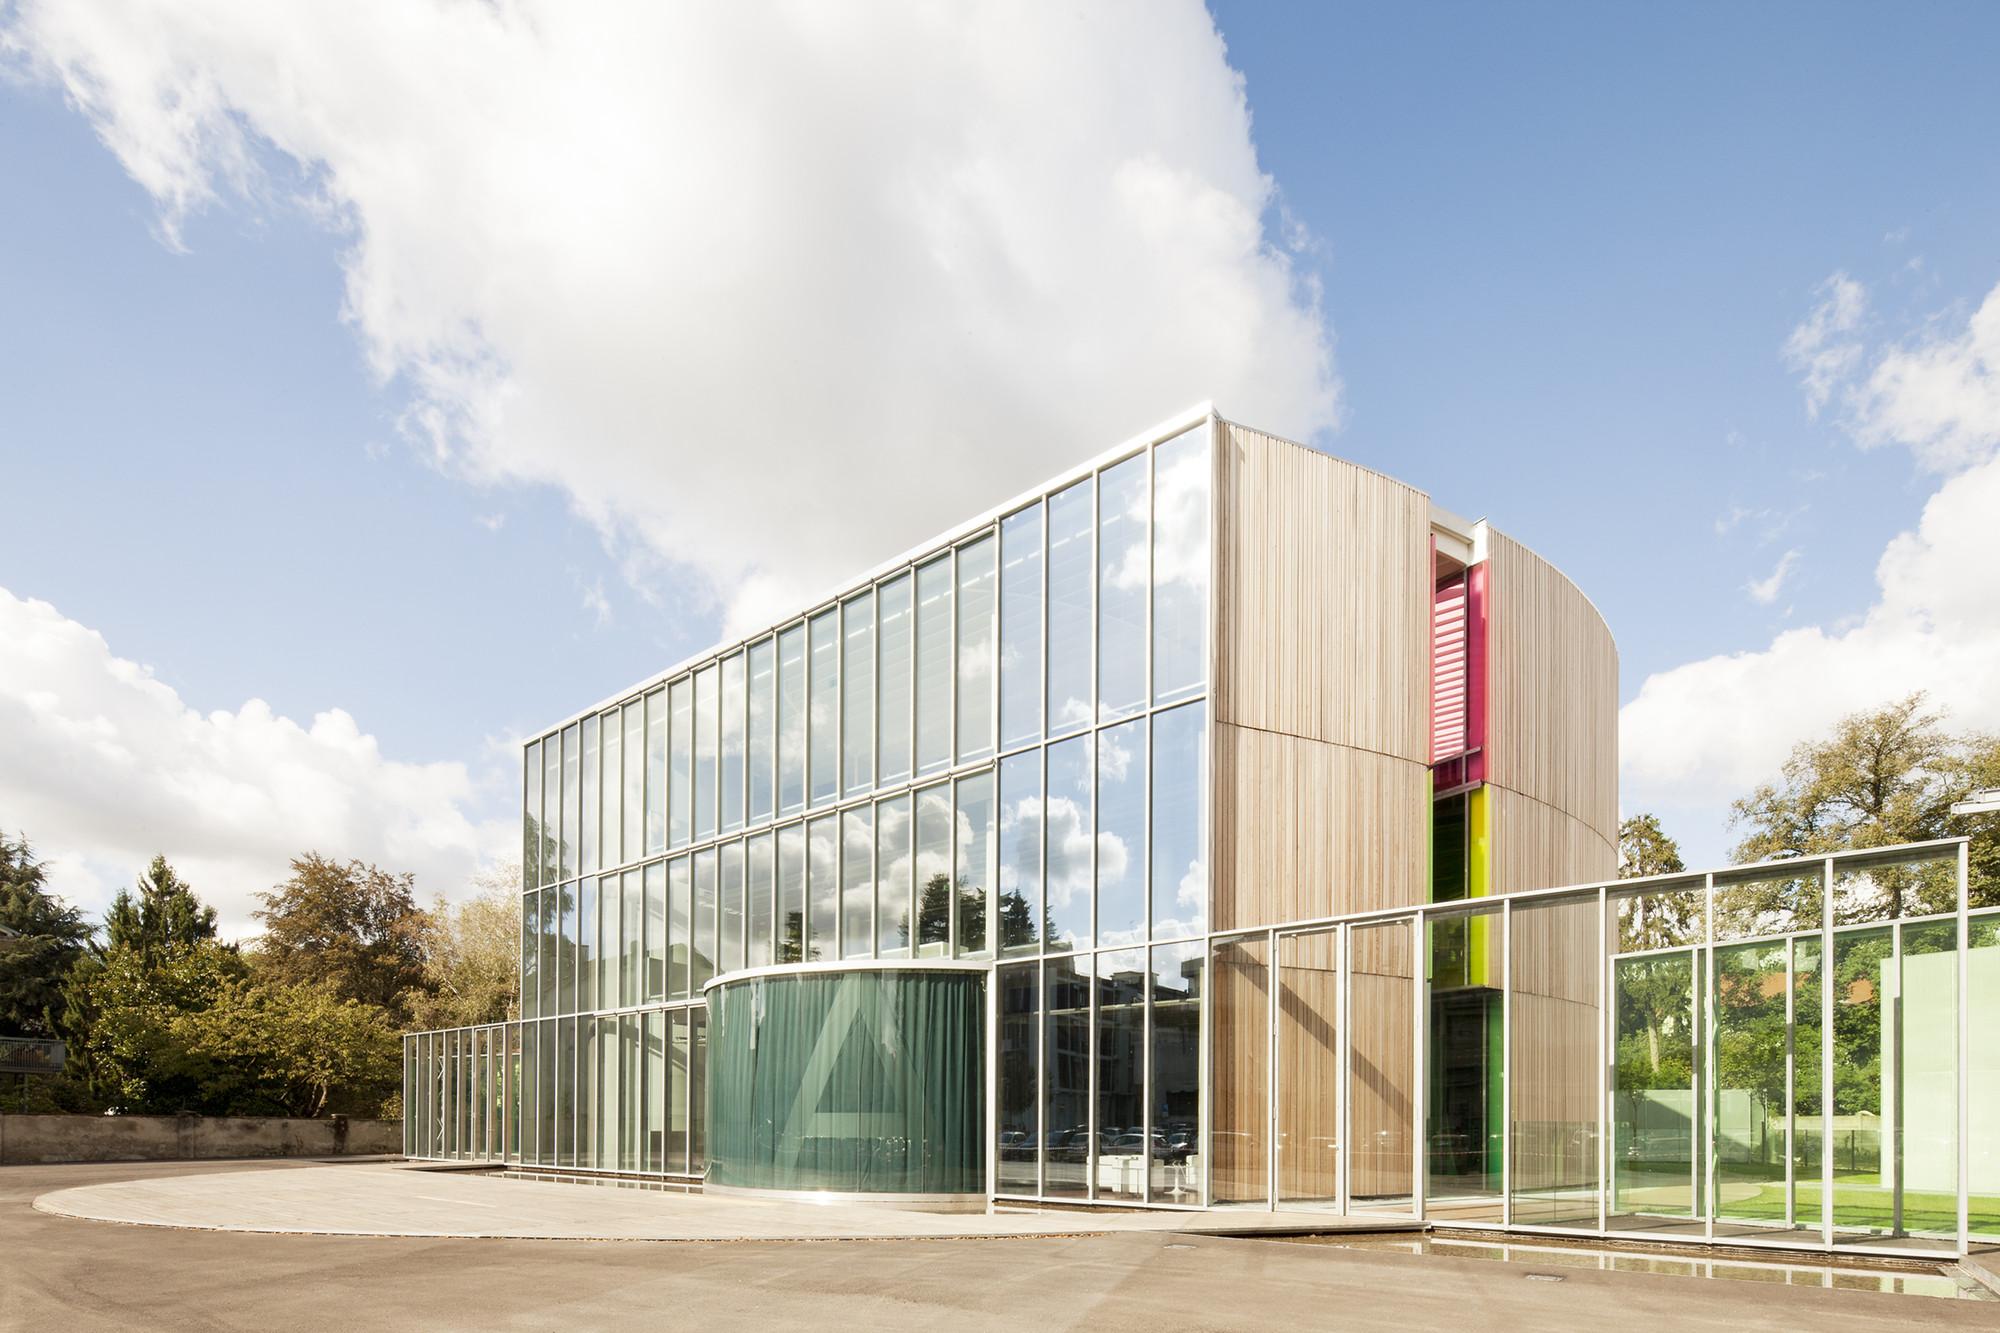 Learning Center FLA / Studio Marinoni, © Giovanni Chiaramonte